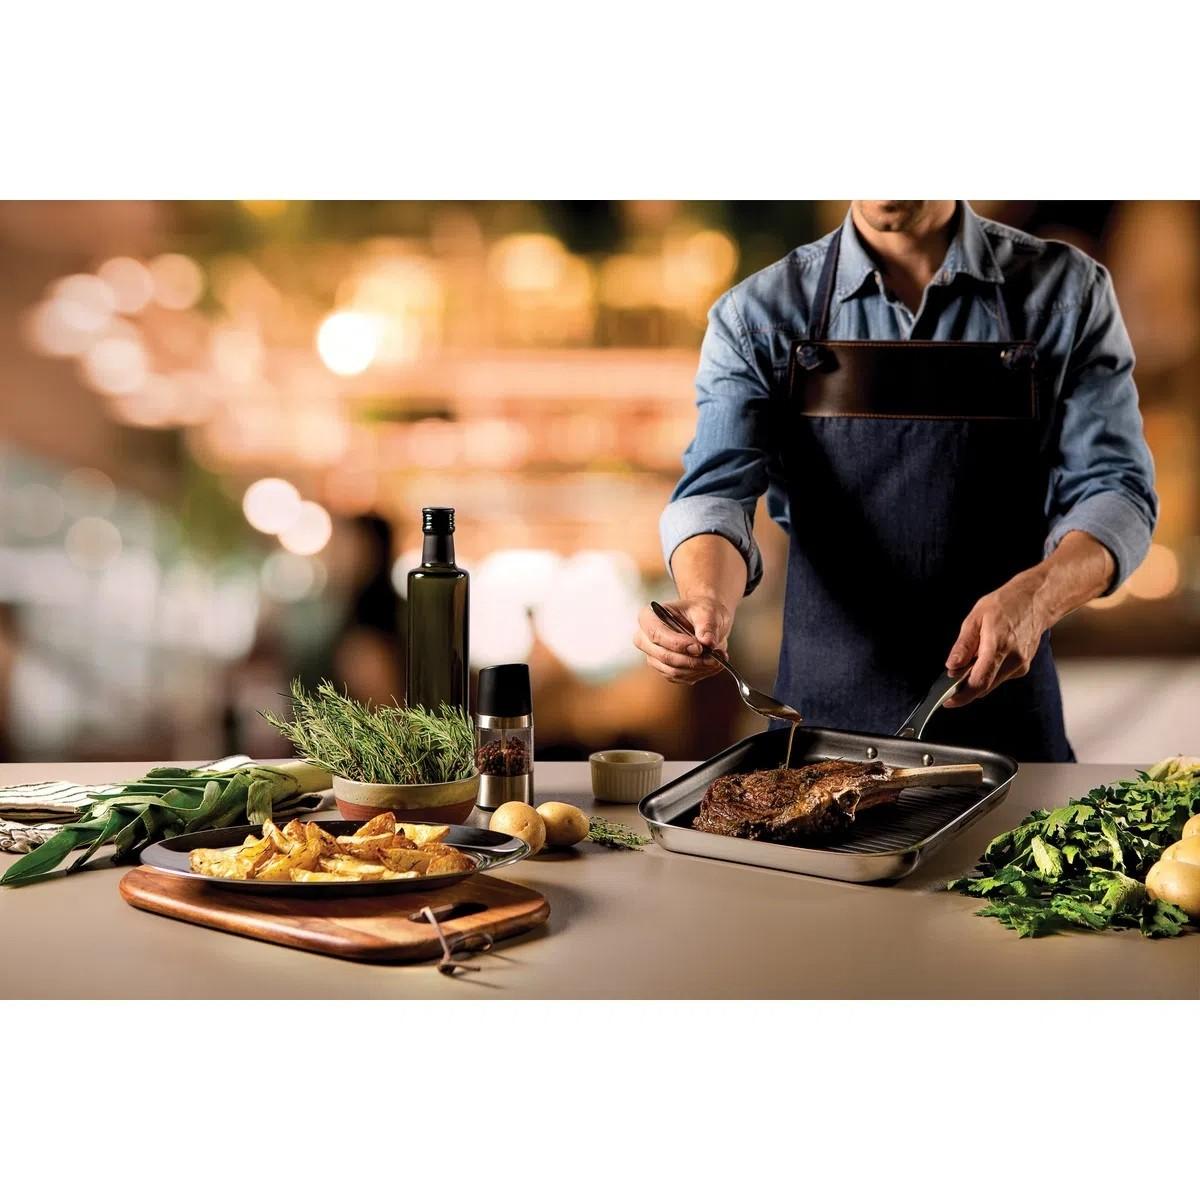 Bistequeira Grano em Aço Inox Antiaderente 26 Cm Tramontina  - Sua Casa Gourmet e Cia